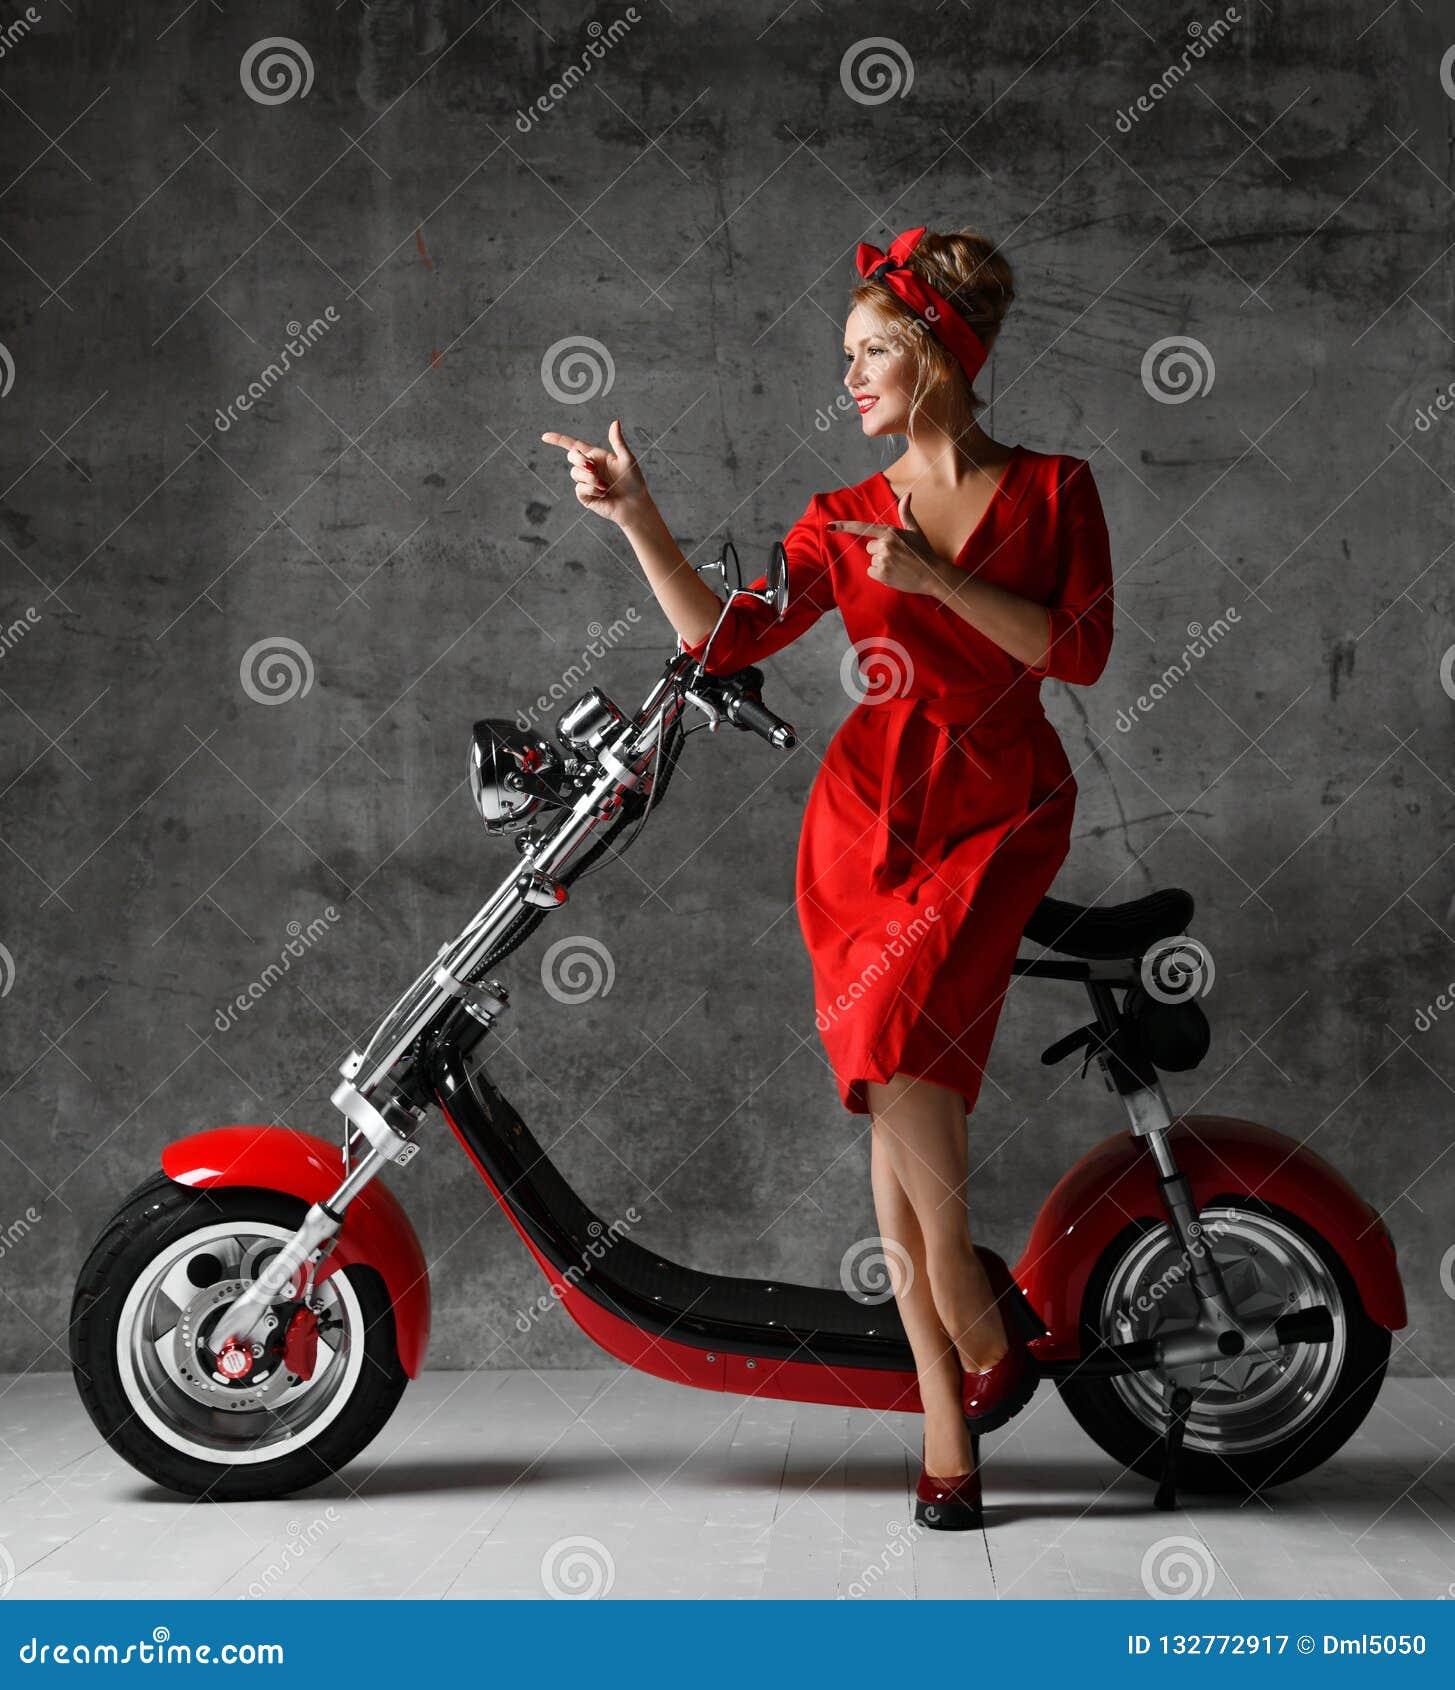 Ο γύρος γυναικών κάθεται στο αναδρομικό ύφος μηχανικών δίκυκλων ποδηλάτων μοτοσικλετών pinup που δείχνει το κόκκινο φόρεμα χαμόγε